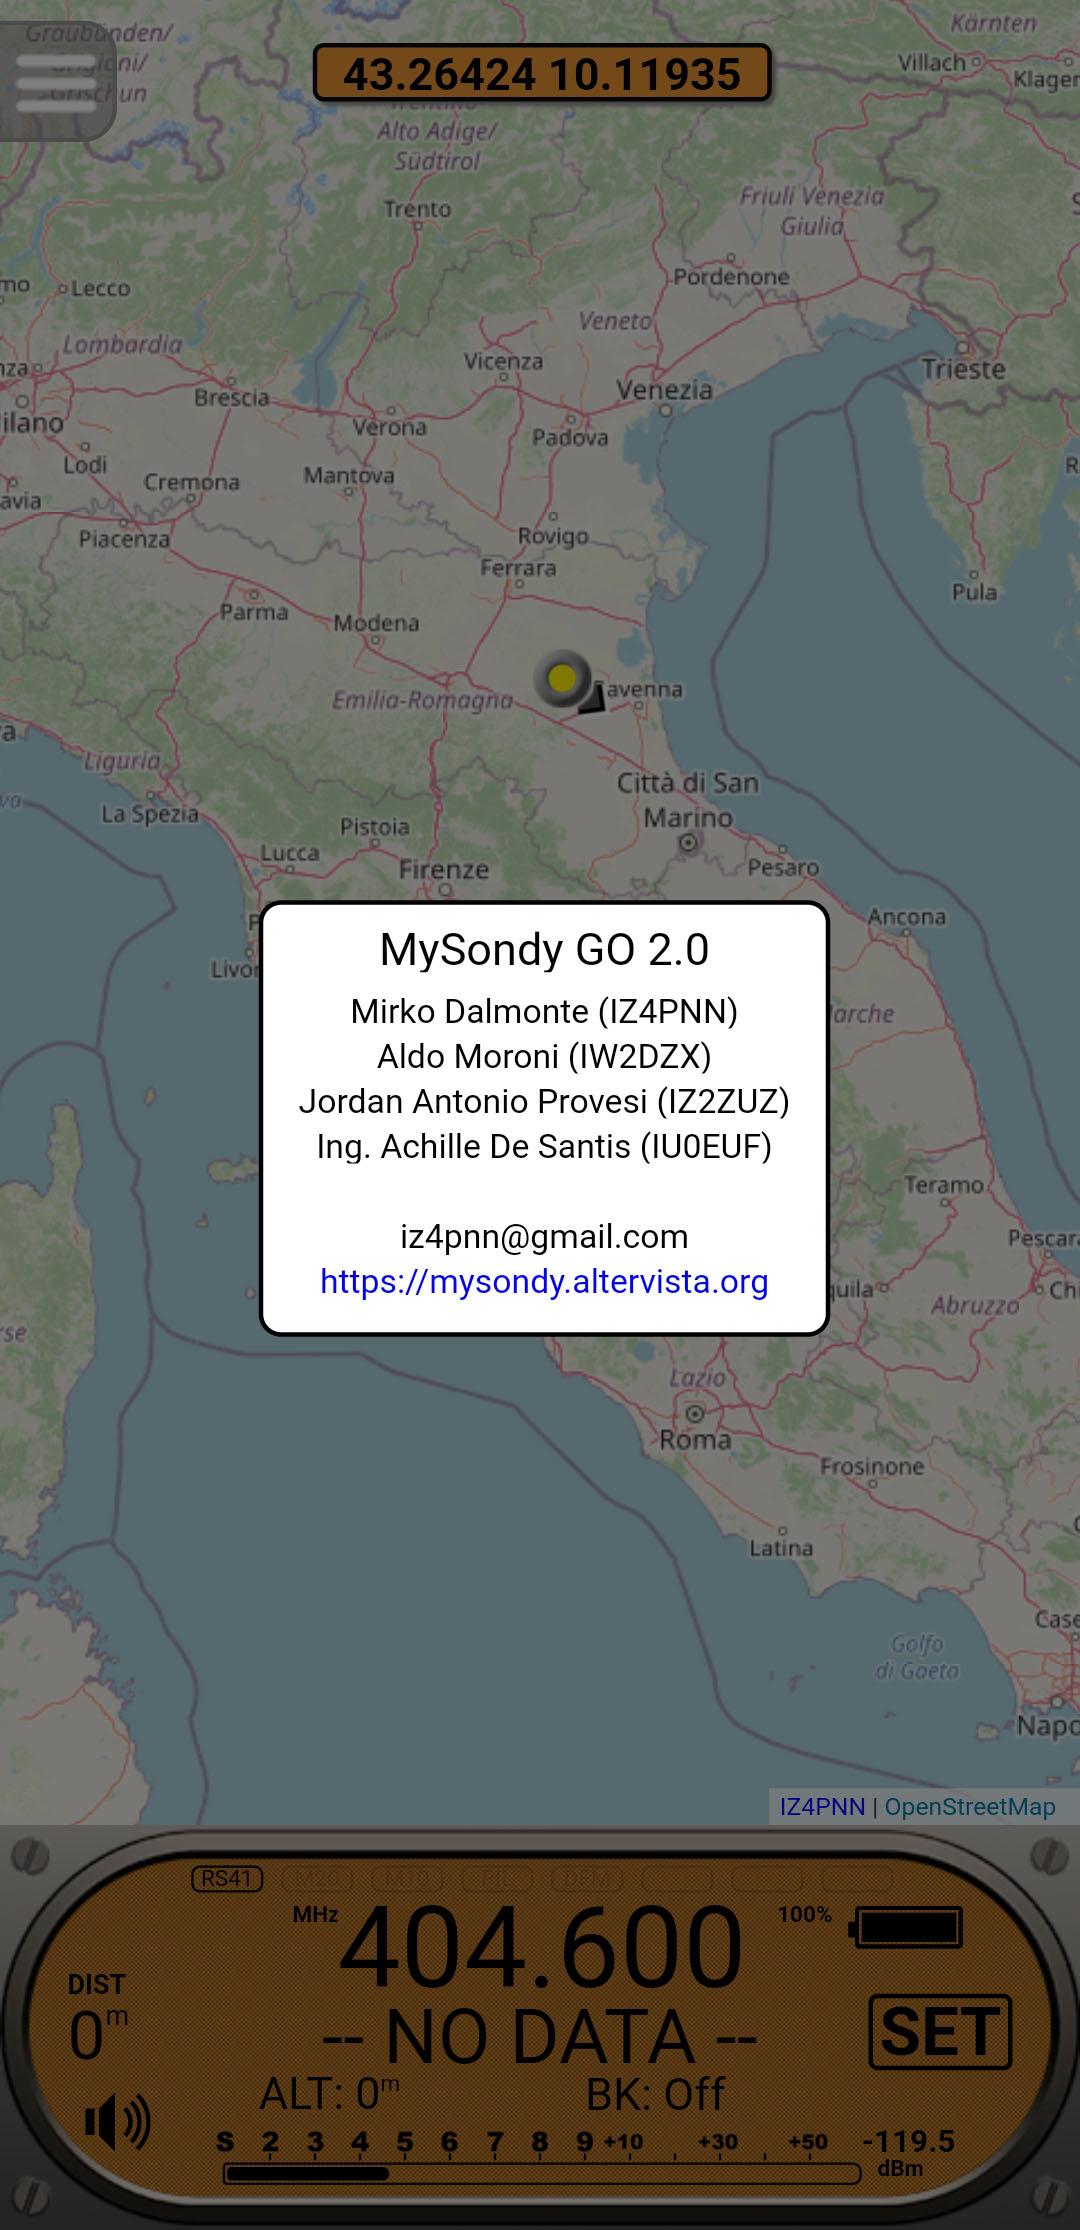 MySondy GO 4